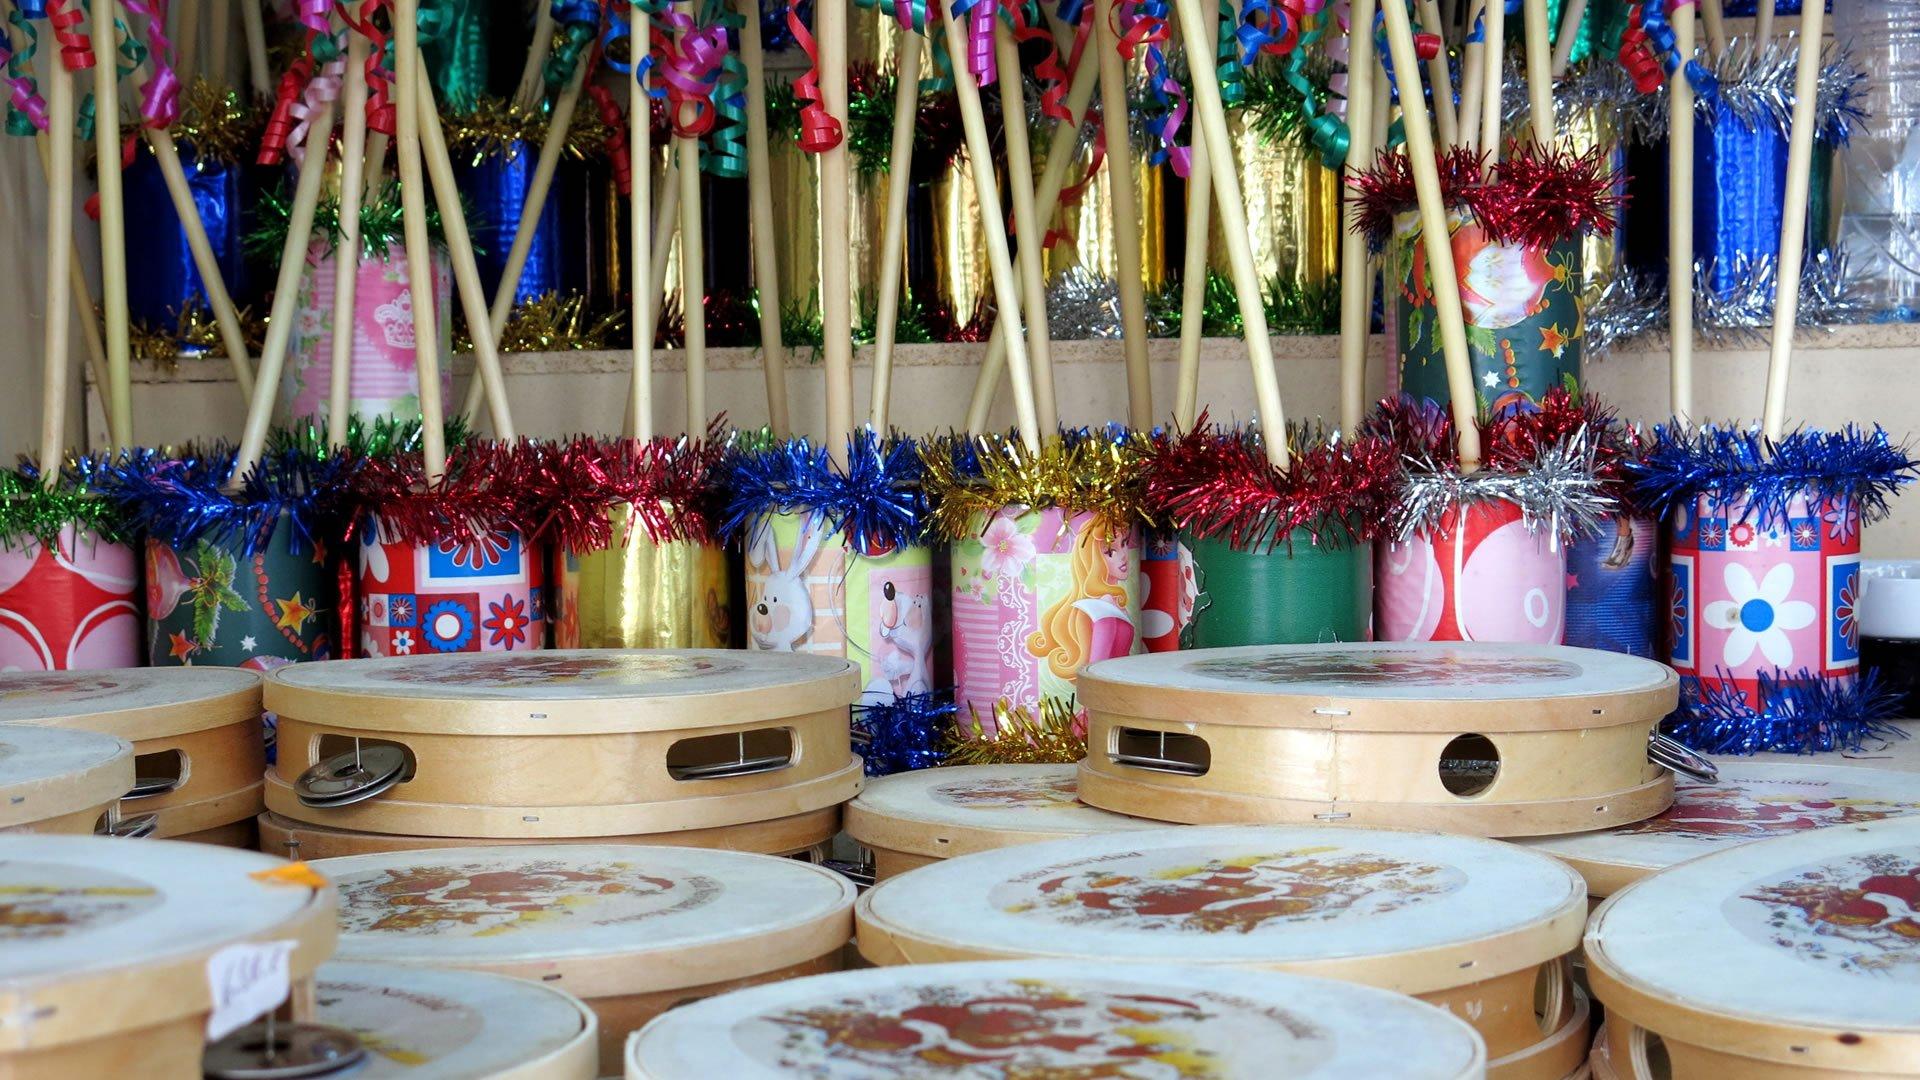 Como Decorar Una Zambomba De Navidad.Panderetas Y Zambombas Instrumentos Tipicos Navidenos En Espana